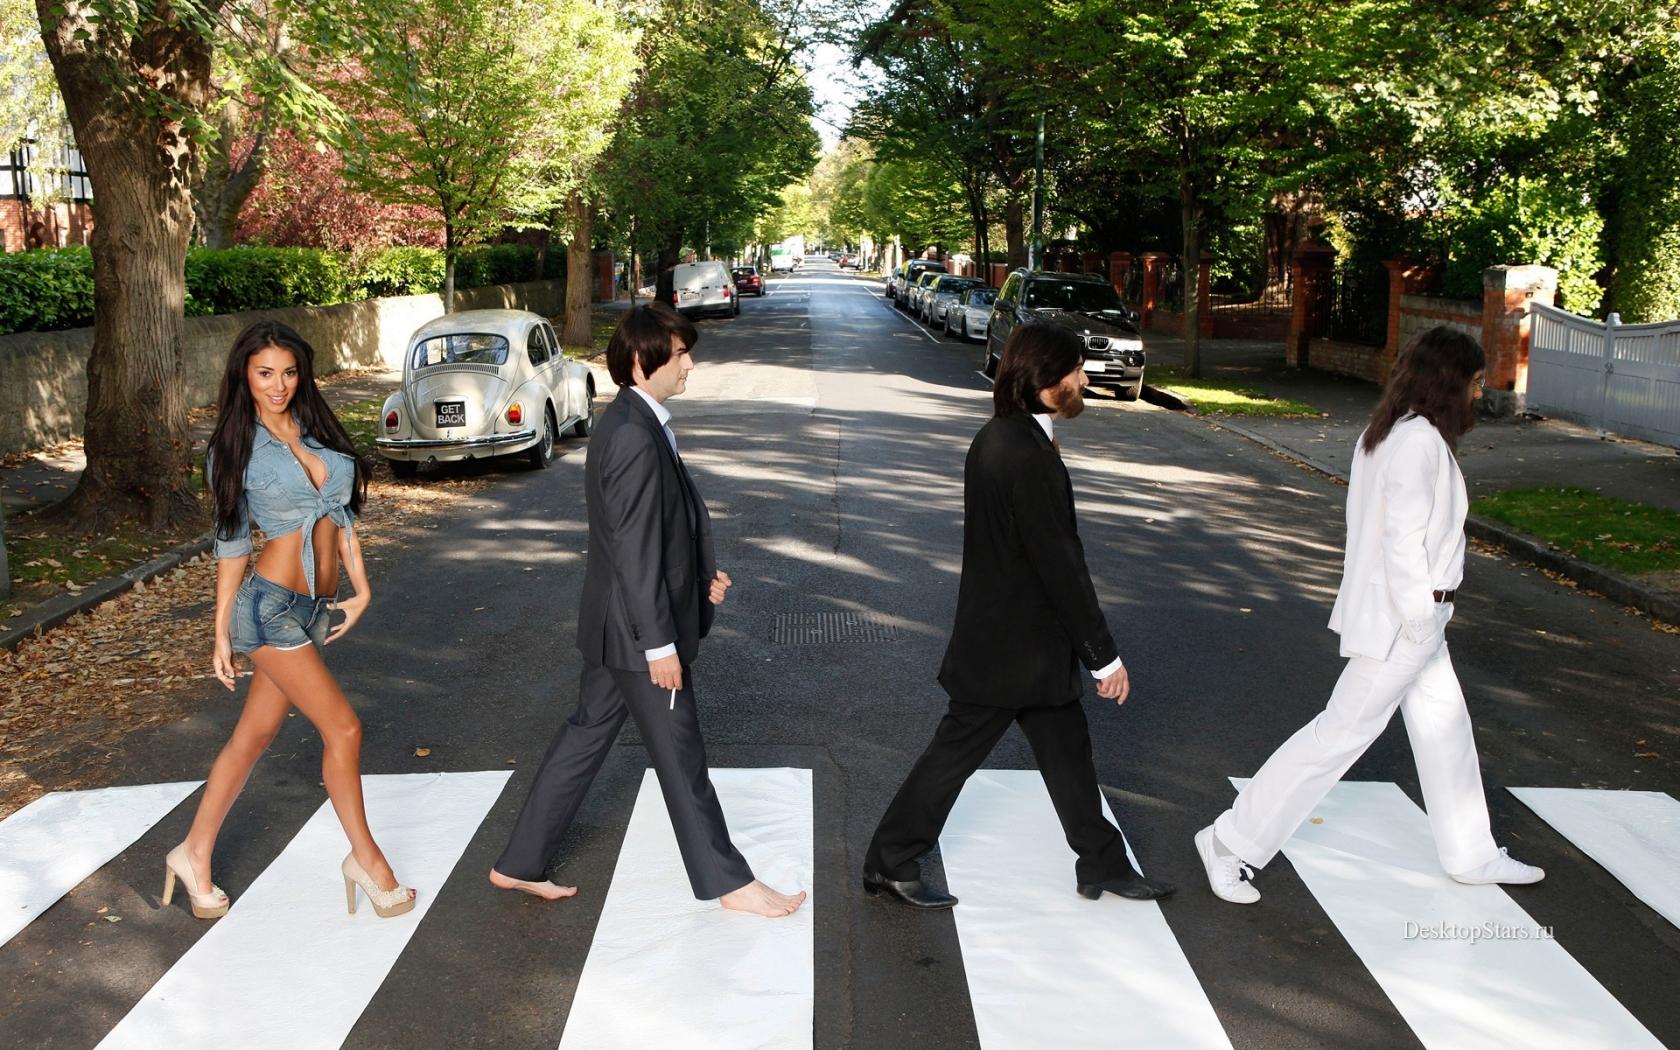 Parodia de Los Beatles en la pista - 1680x1050